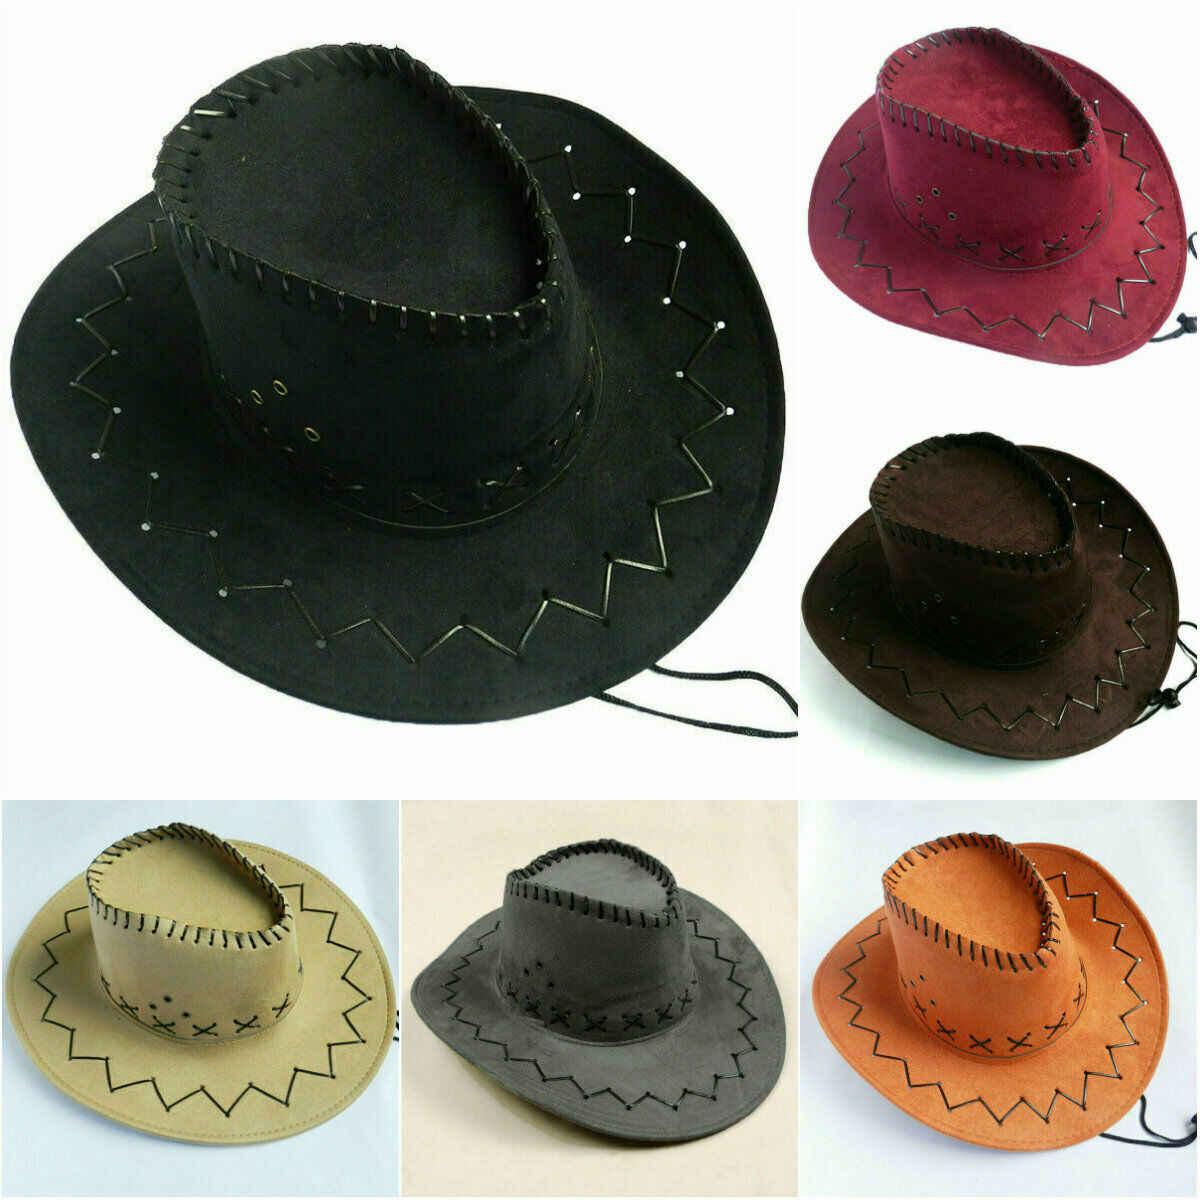 ファッション優しい草原女性男性ロックハット野生西ファンシー西洋カウガールカウボーイヘッド磨耗キャップ帽子